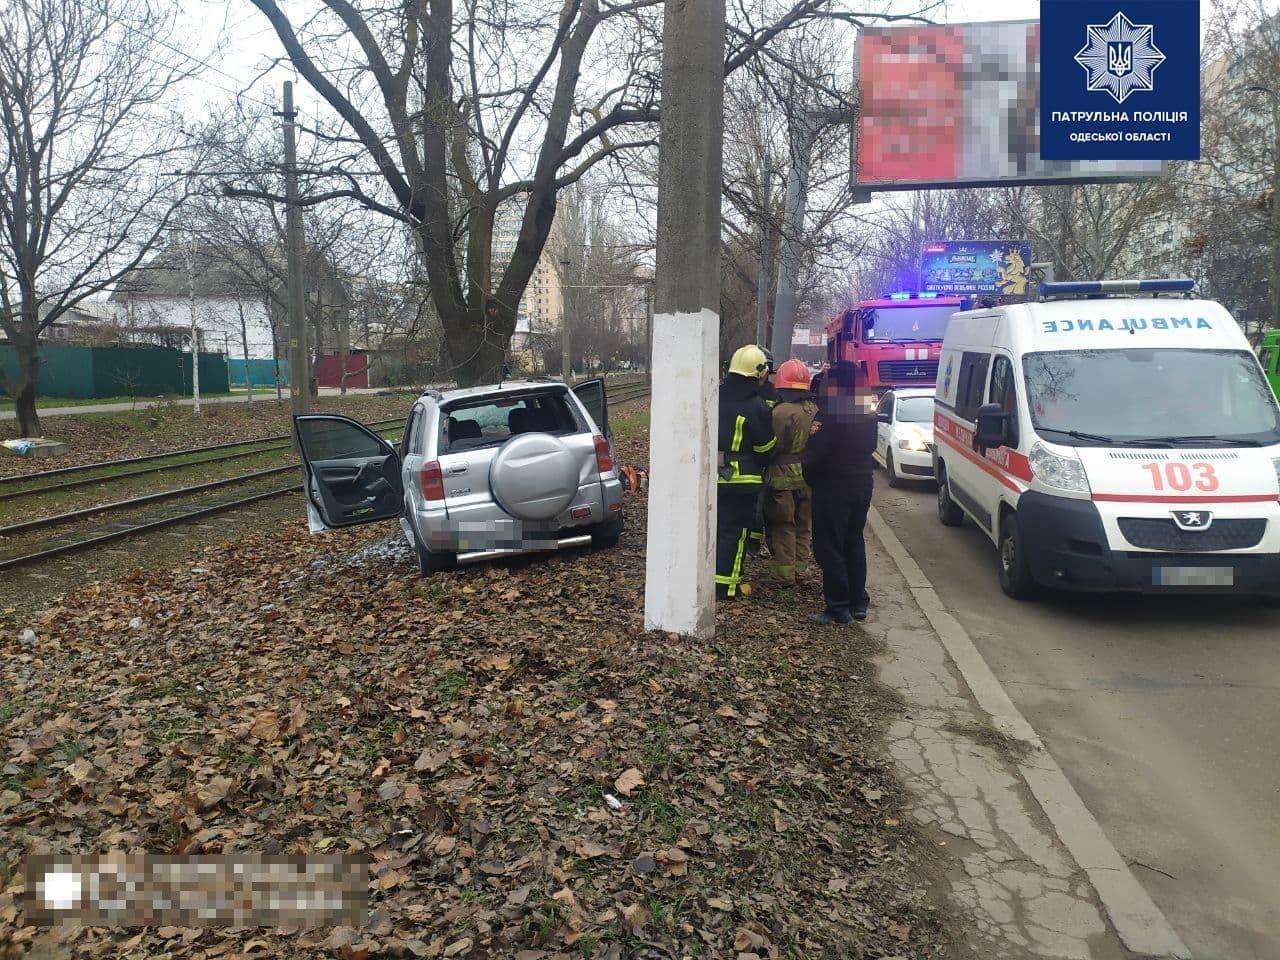 Смертельное ДТП: на поселке Котовского автомобиль врезался в дерево. Фото: патрульная полиция